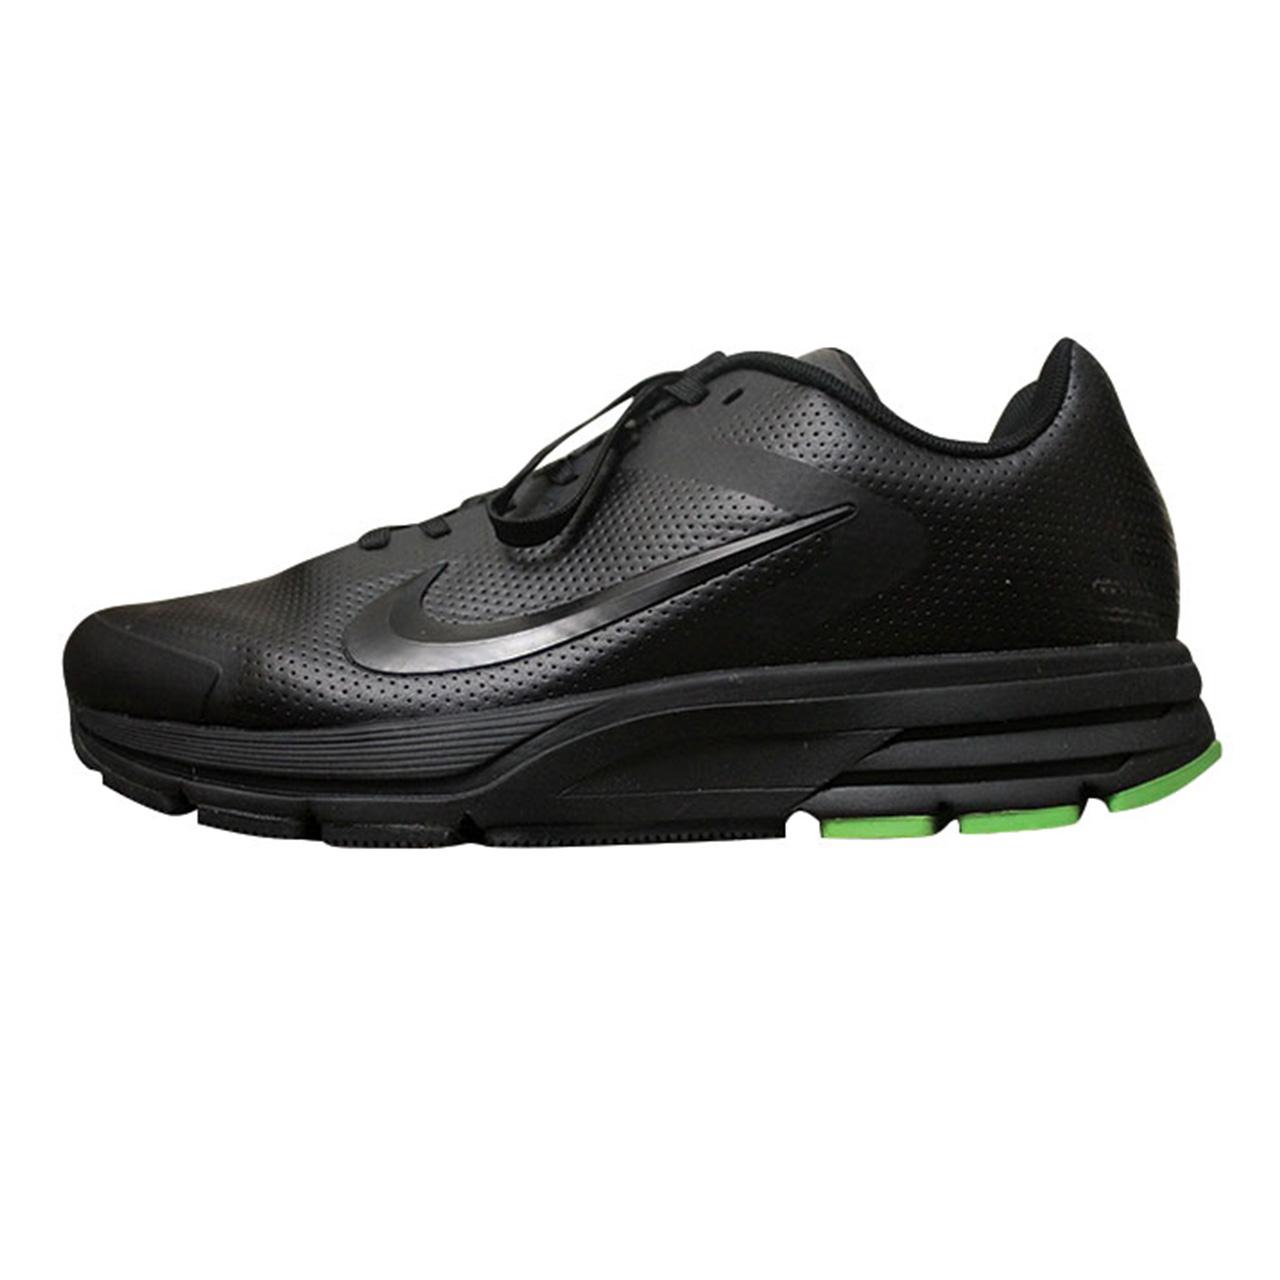 کفش مخصوص پیاده روی مردانه کد Pegasus G